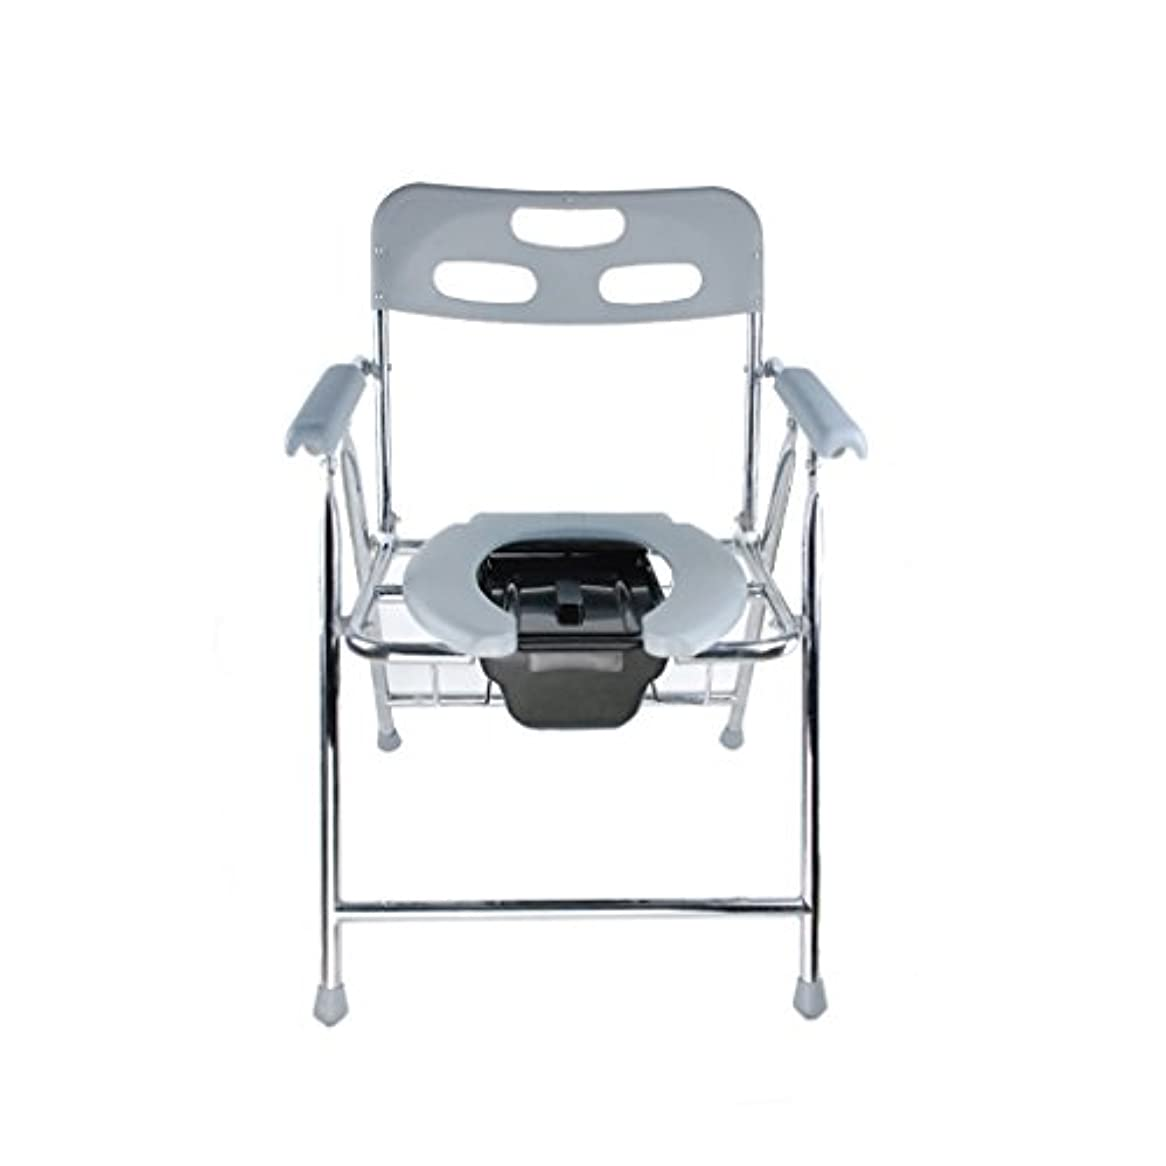 女の子ベッド標高- 折りたたみ式トイレ椅子とトイレの椅子のバスルームのアンチスリップ調節可能な高さのバスルームシャワーのスツール高齢者/妊婦/障害者のトイレの椅子 チェスト